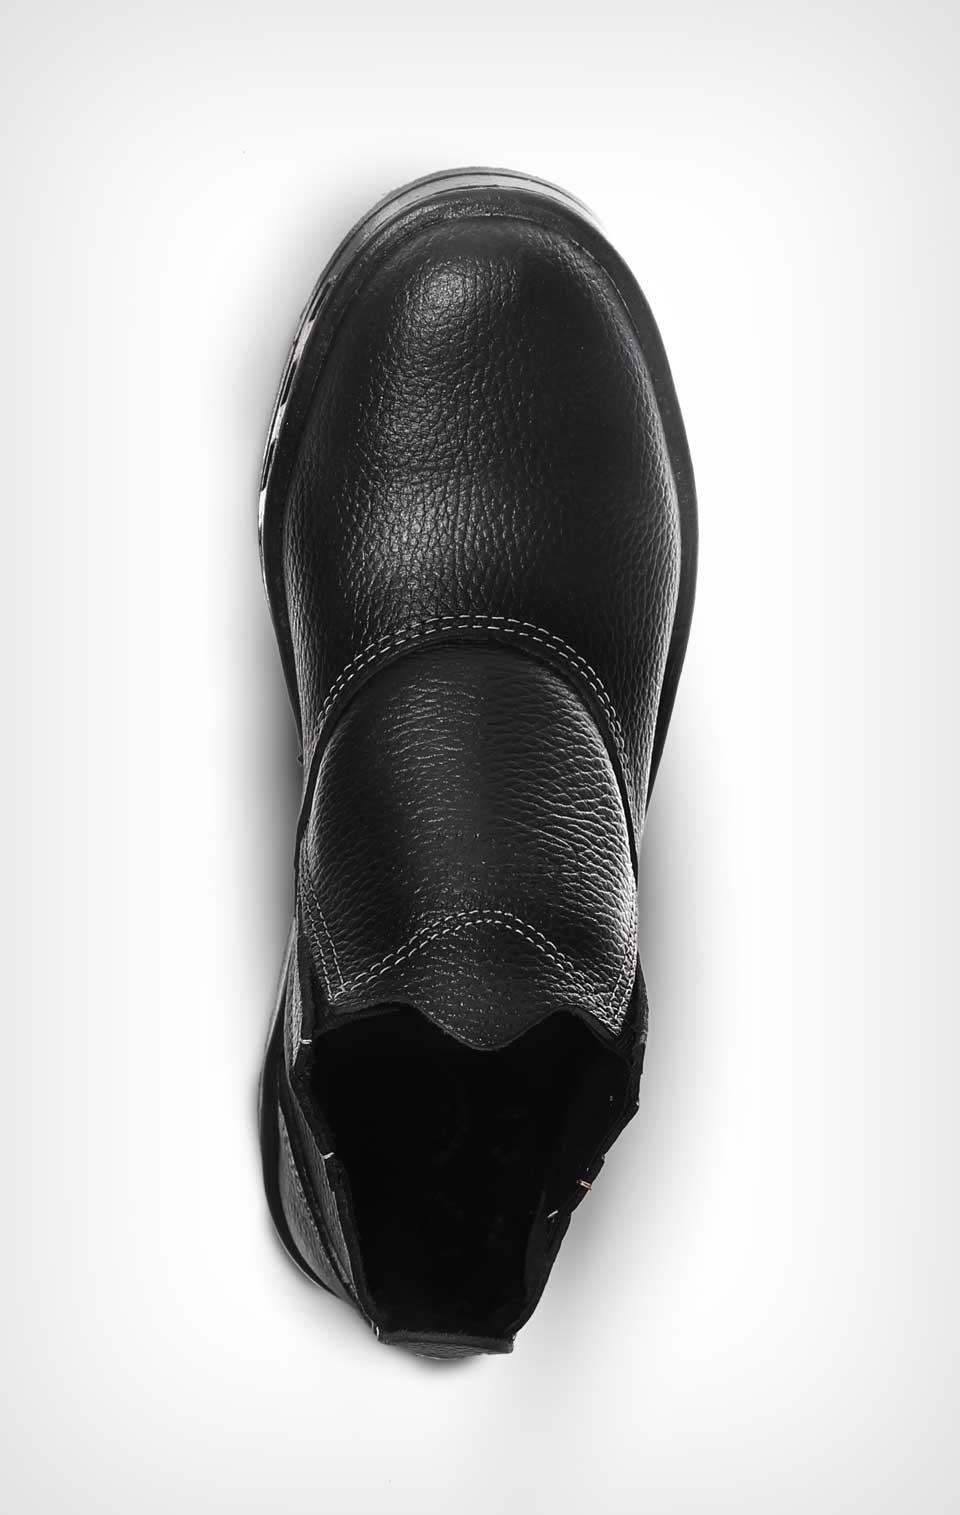 calcado-de-seguranca-bota-com-elastico-essencial-6